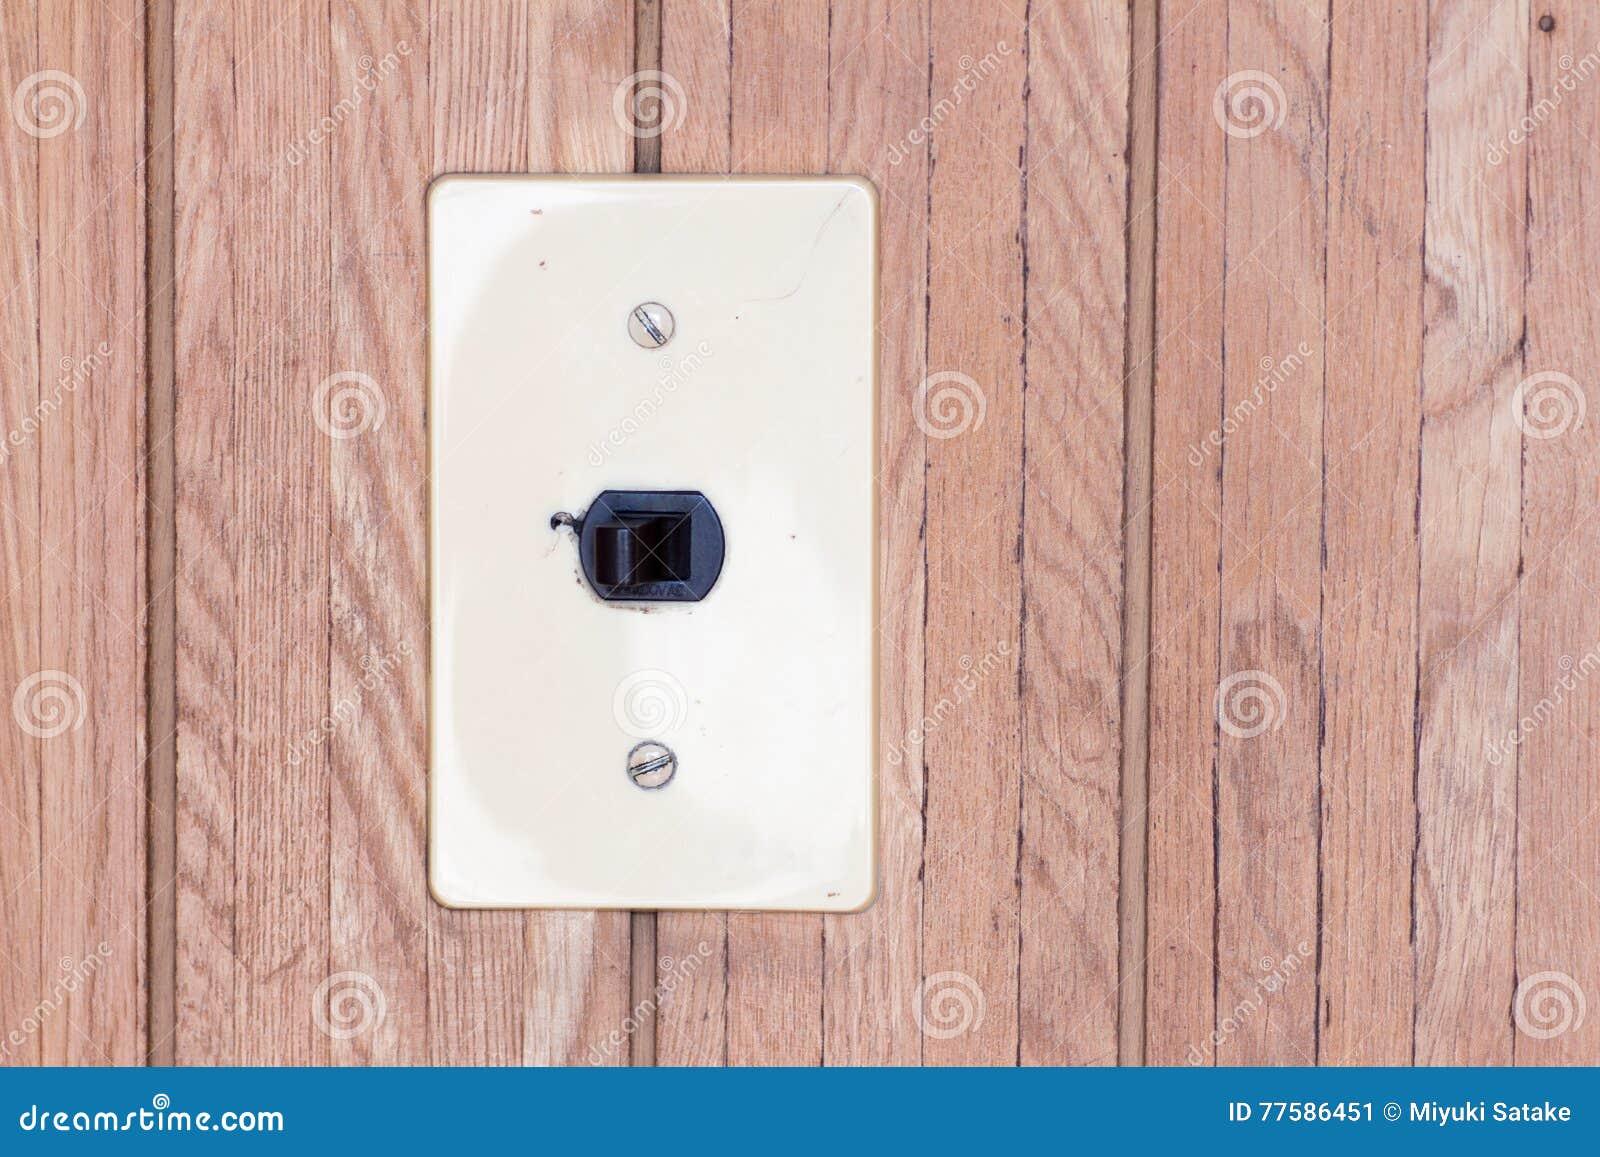 Atemberaubend Elektrischer Dreiwegeschalter Fotos - Elektrische ...